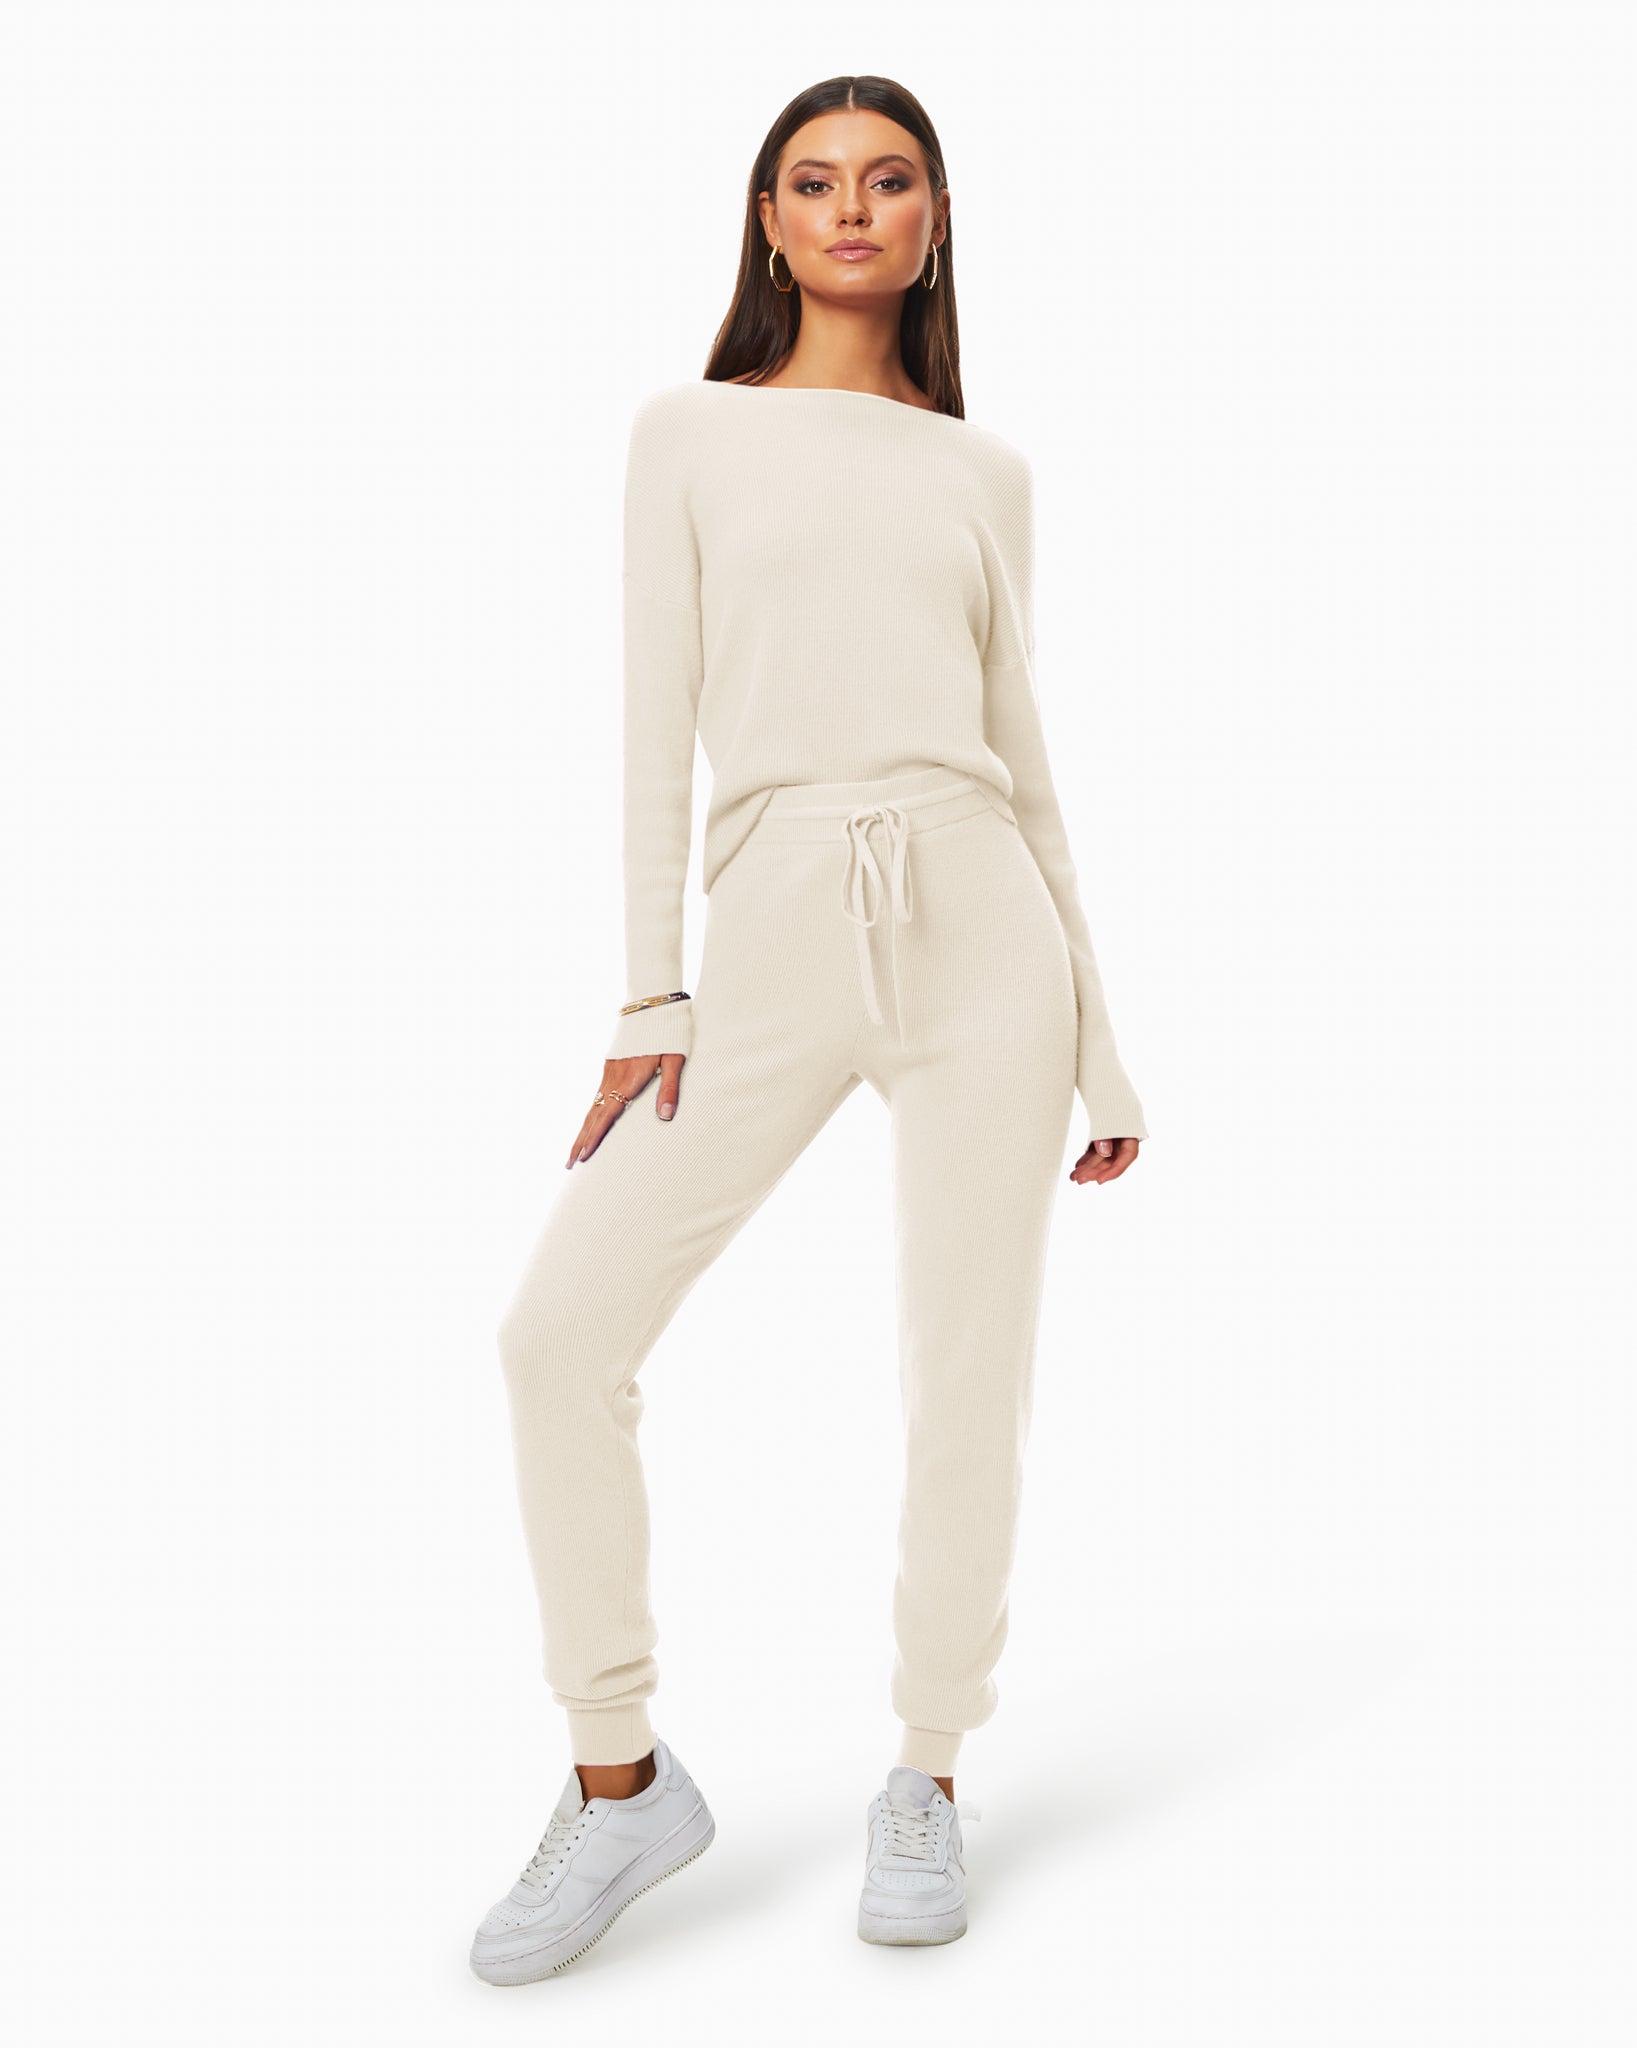 Landon Knit Jogger in Cream - Cream - Size: M